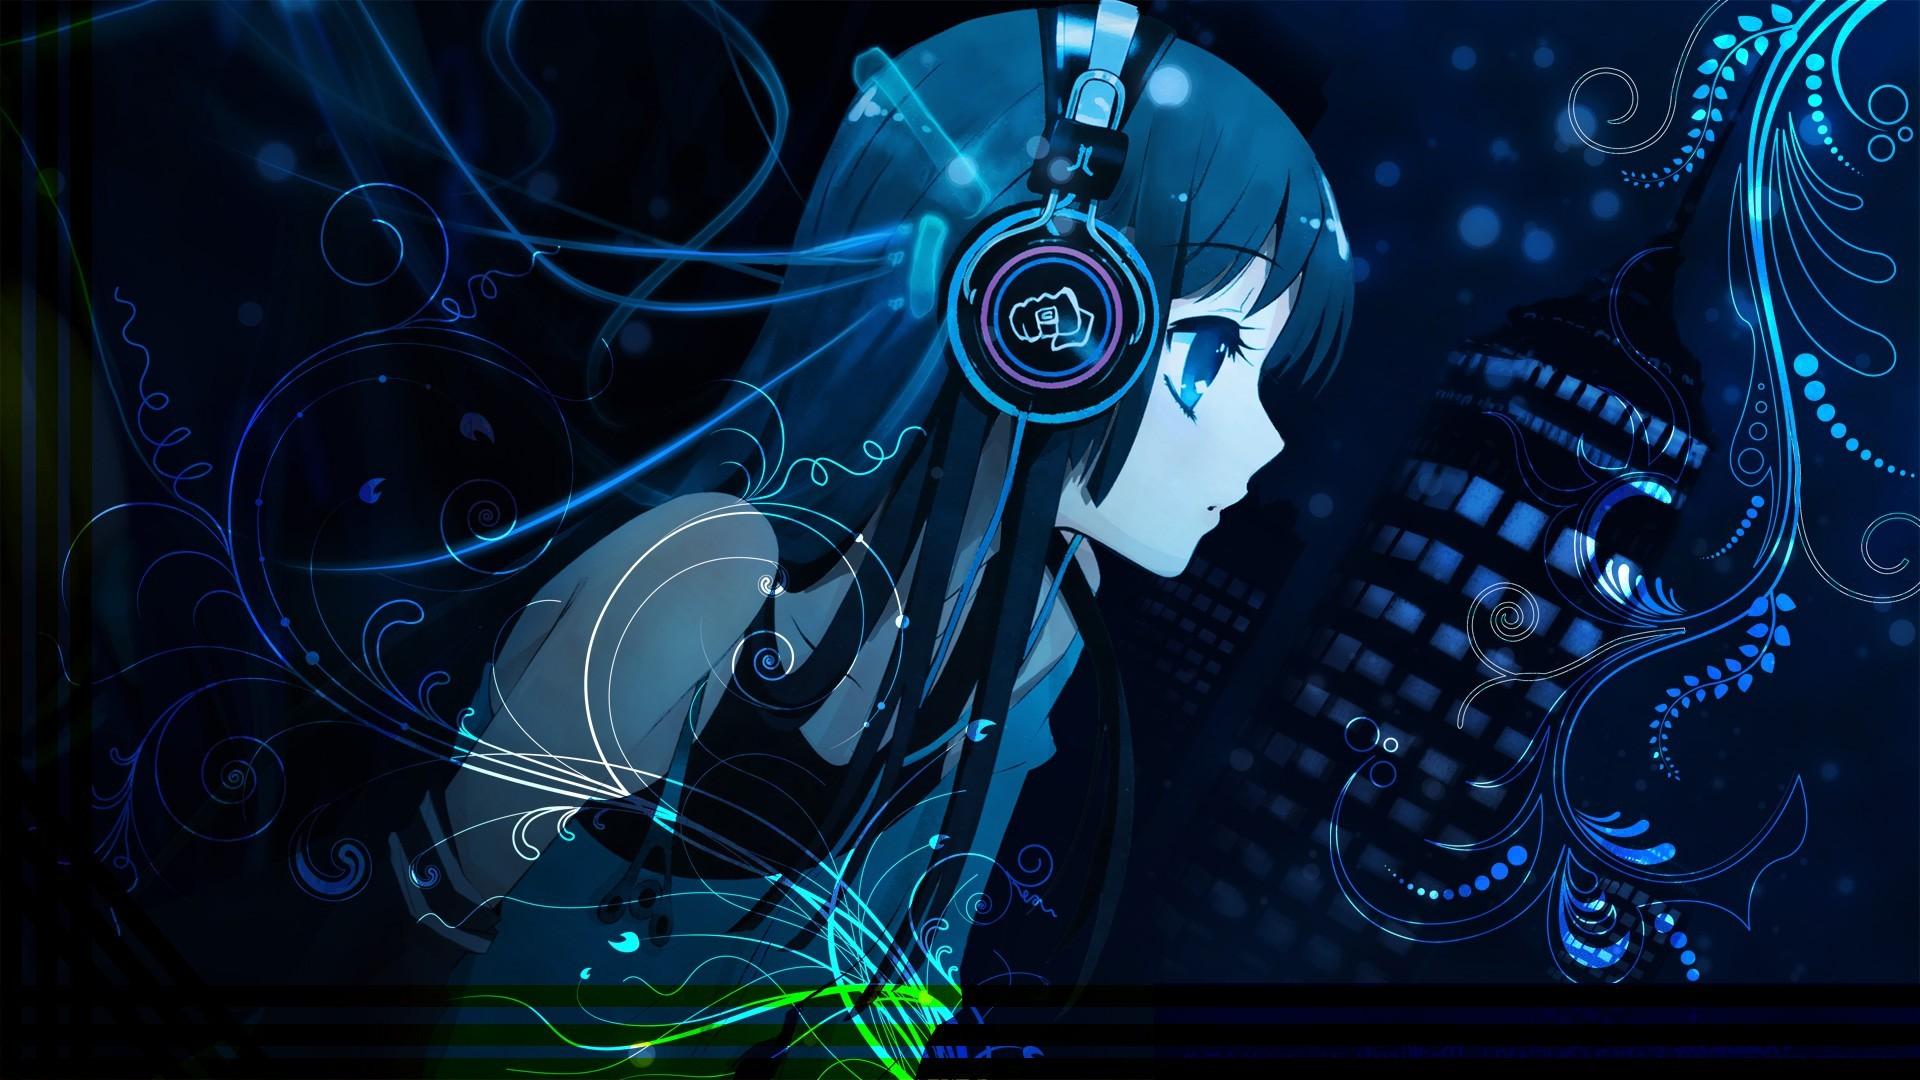 Descargar música y vídeos Anime para el móvil